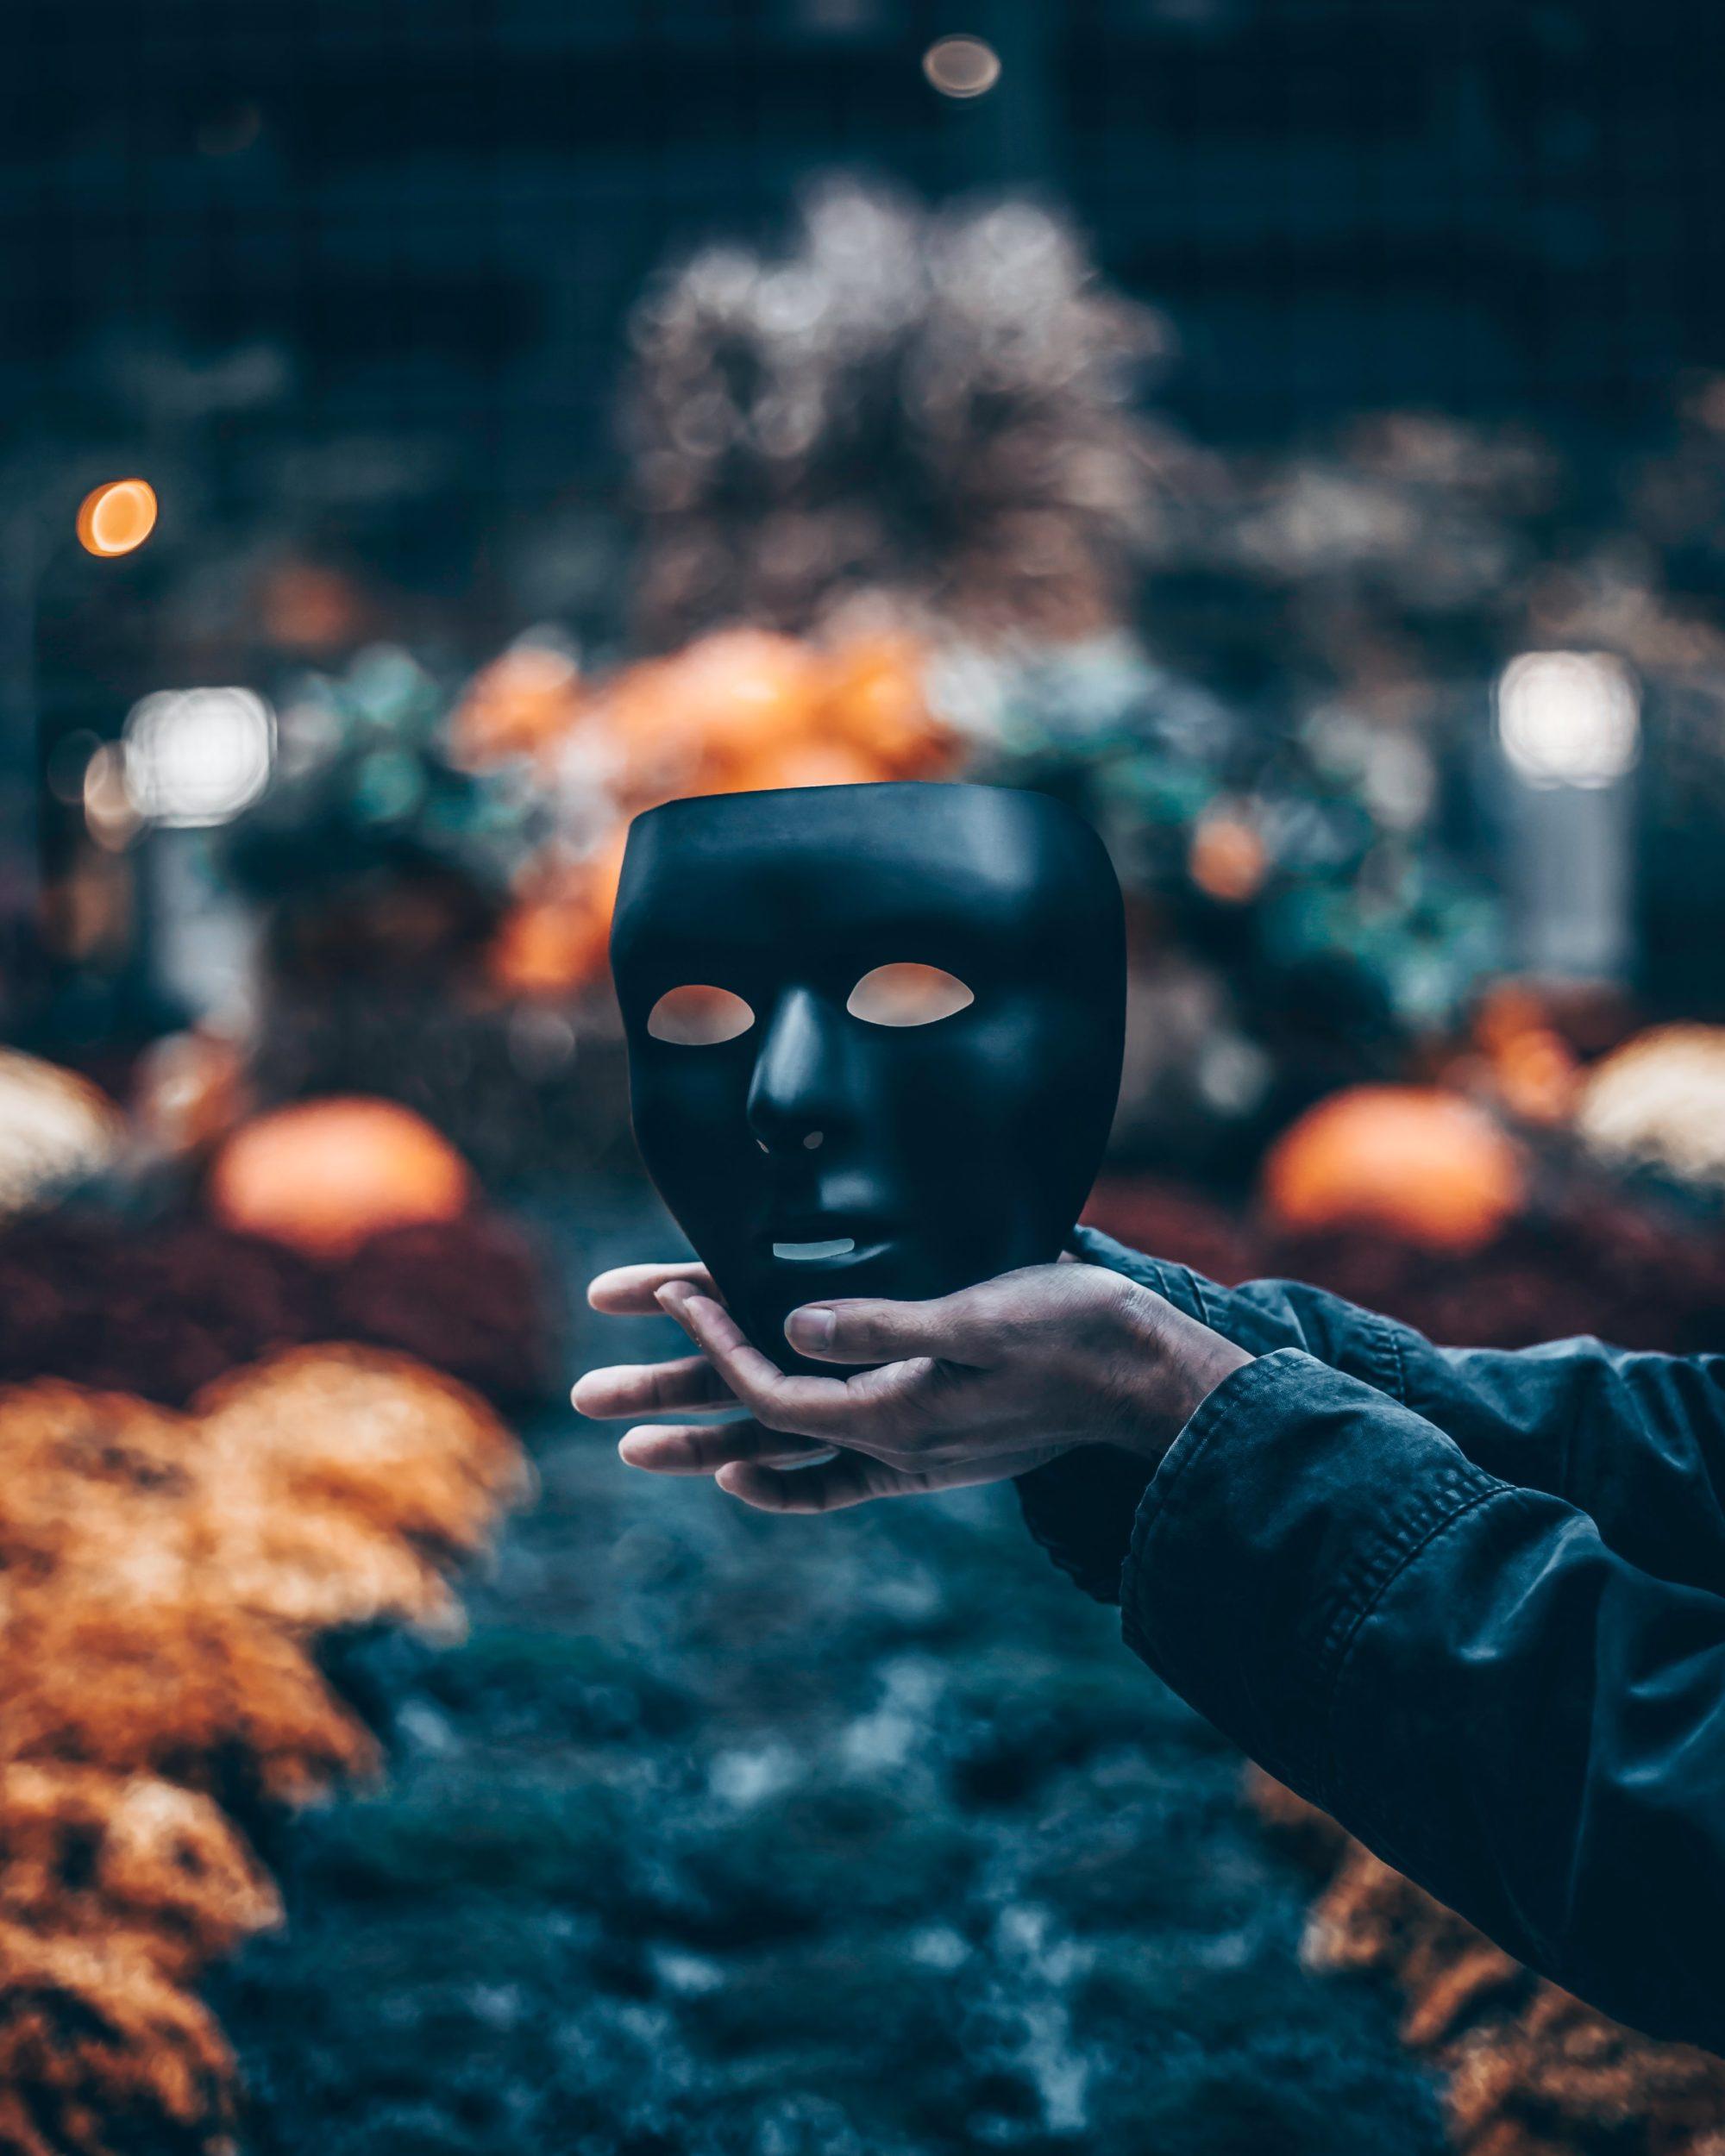 Schwarze Maske in Händen